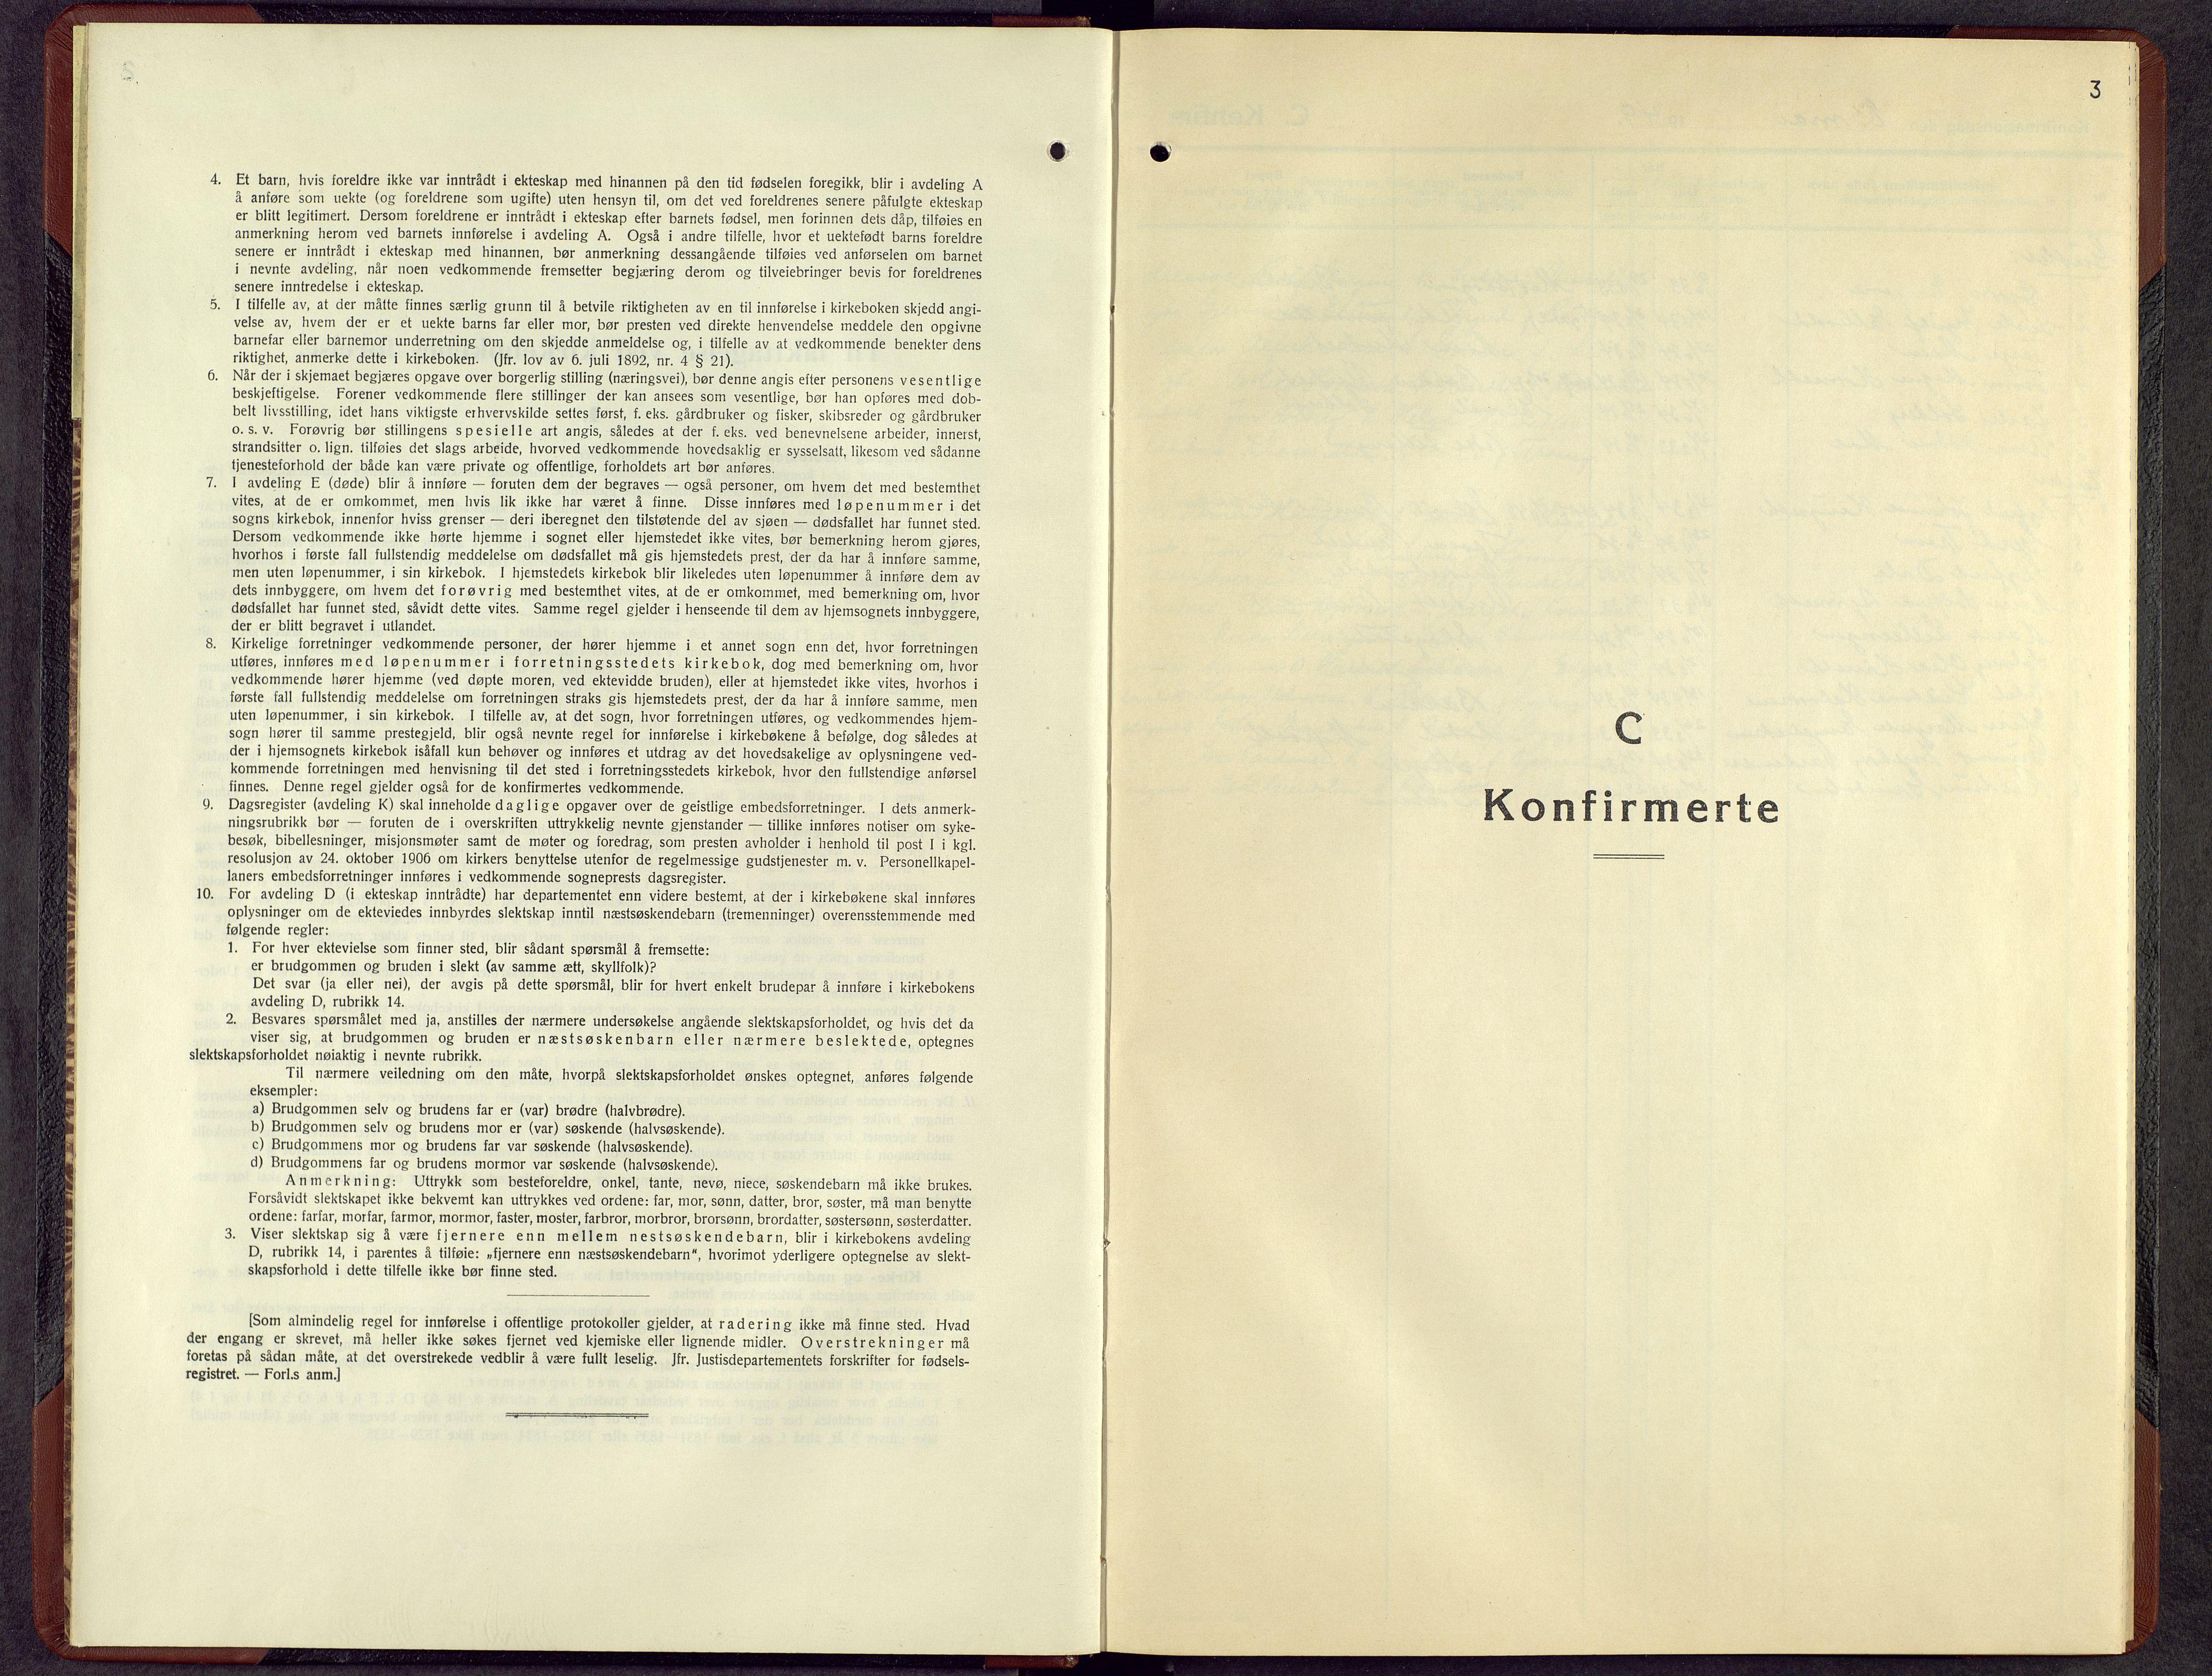 SAH, Rendalen prestekontor, H/Ha/Hab/L0007: Klokkerbok nr. 7, 1949-1958, s. 3